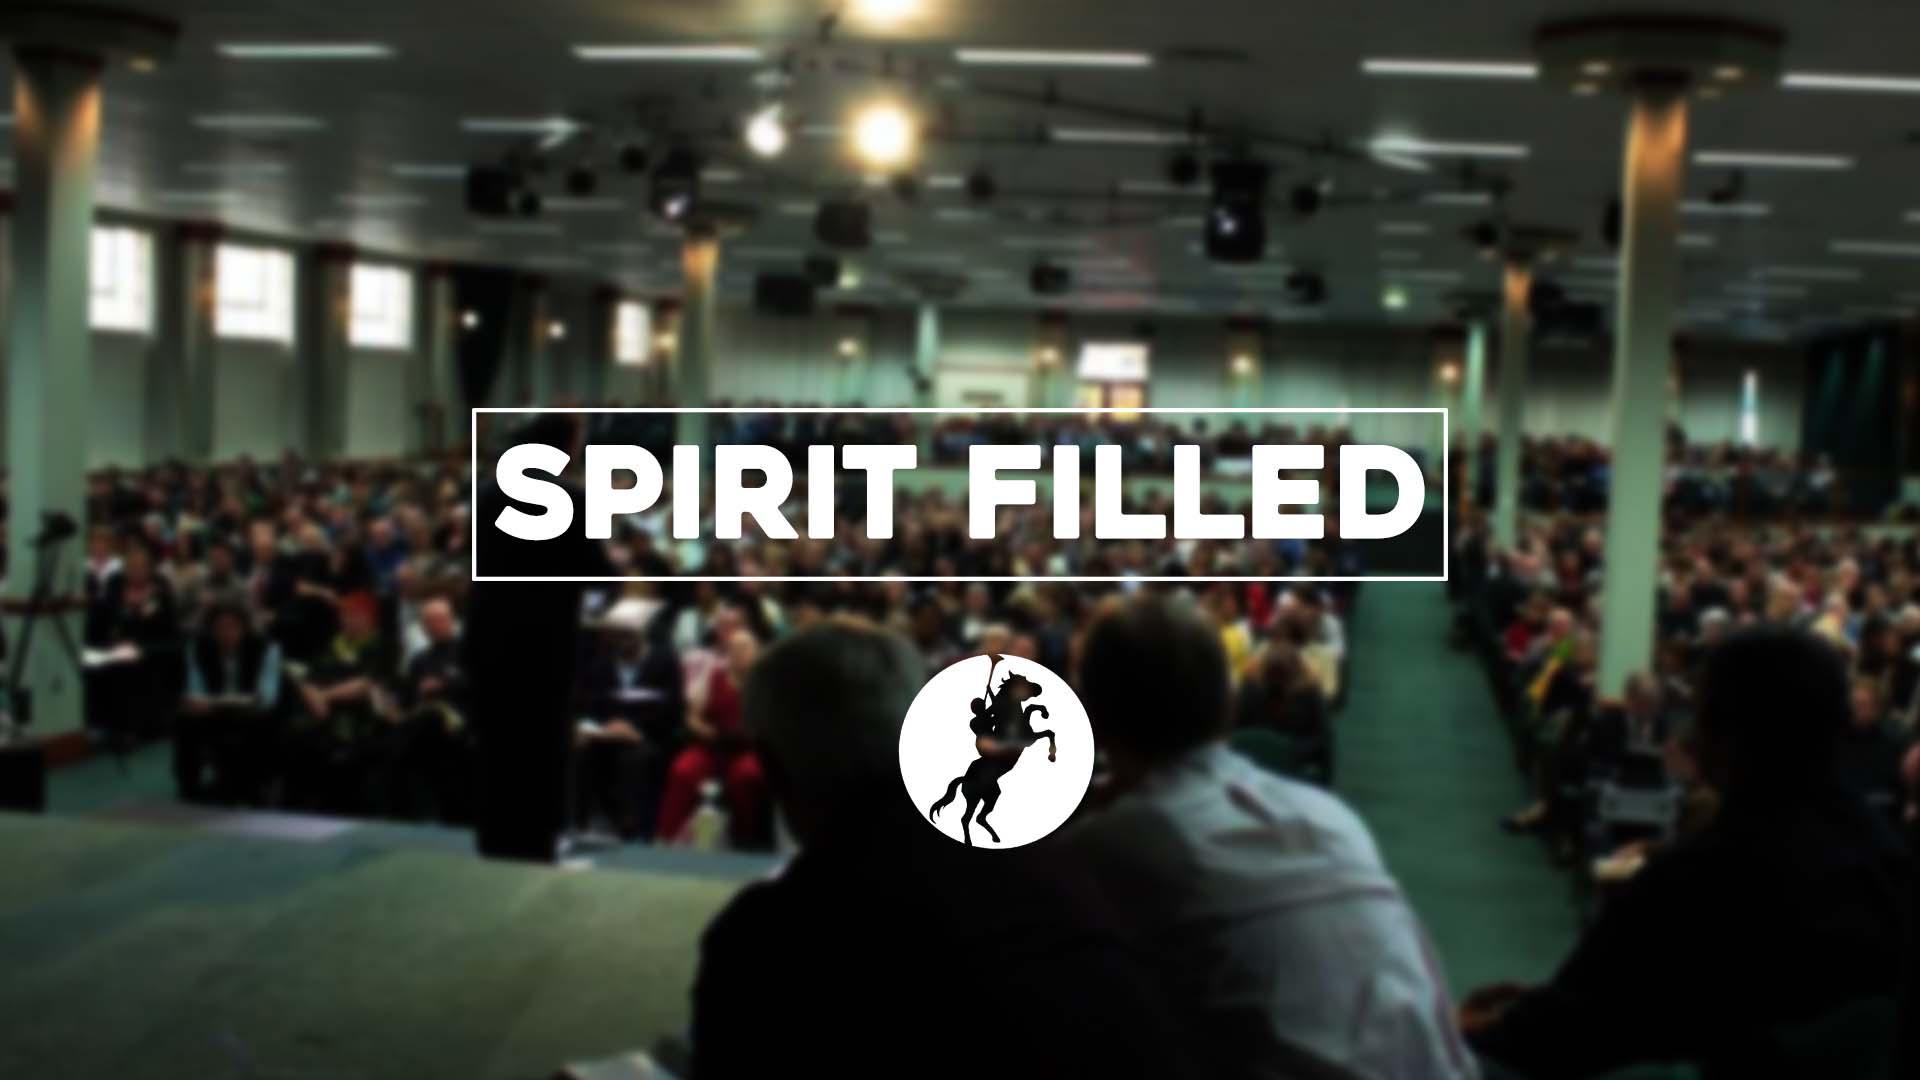 SPIRIT-FILLED